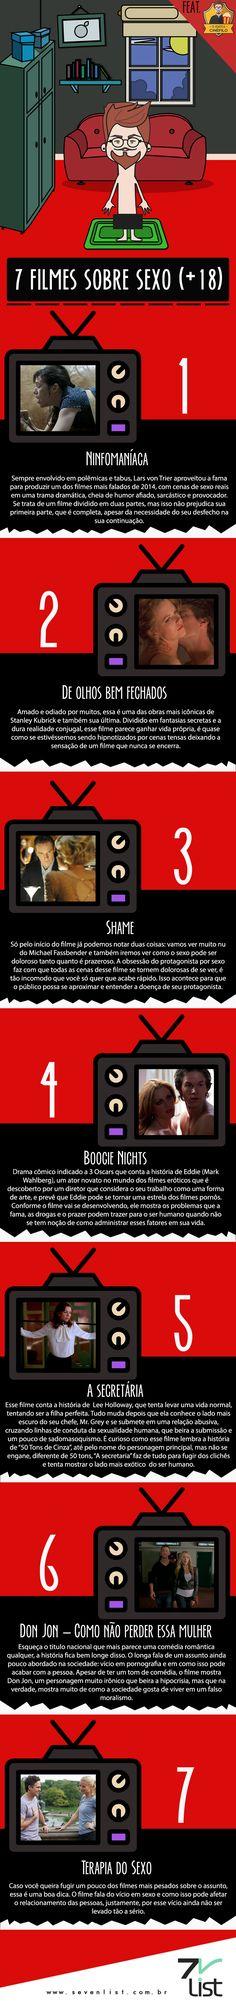 People, hoje o Idiota Cinéfilo pegou a onda de Christian Grey e Anastasia Steele, o casal mais falado da semana, para falar de um tema que para muitos ainda é considerado tabu. Confira 7 filmes sobre sexo (Post para maiores de 18 anos).  #SevenList #OIdiotaCinéfilo #Blog #Brazil #Cine #Cinema #Movie #Films #Filmes #Sexo #Sexy #Tabu #Grey #50Tons #CinquentaTons #ChristianGrey #AnastasiaSteele #NosCinemas